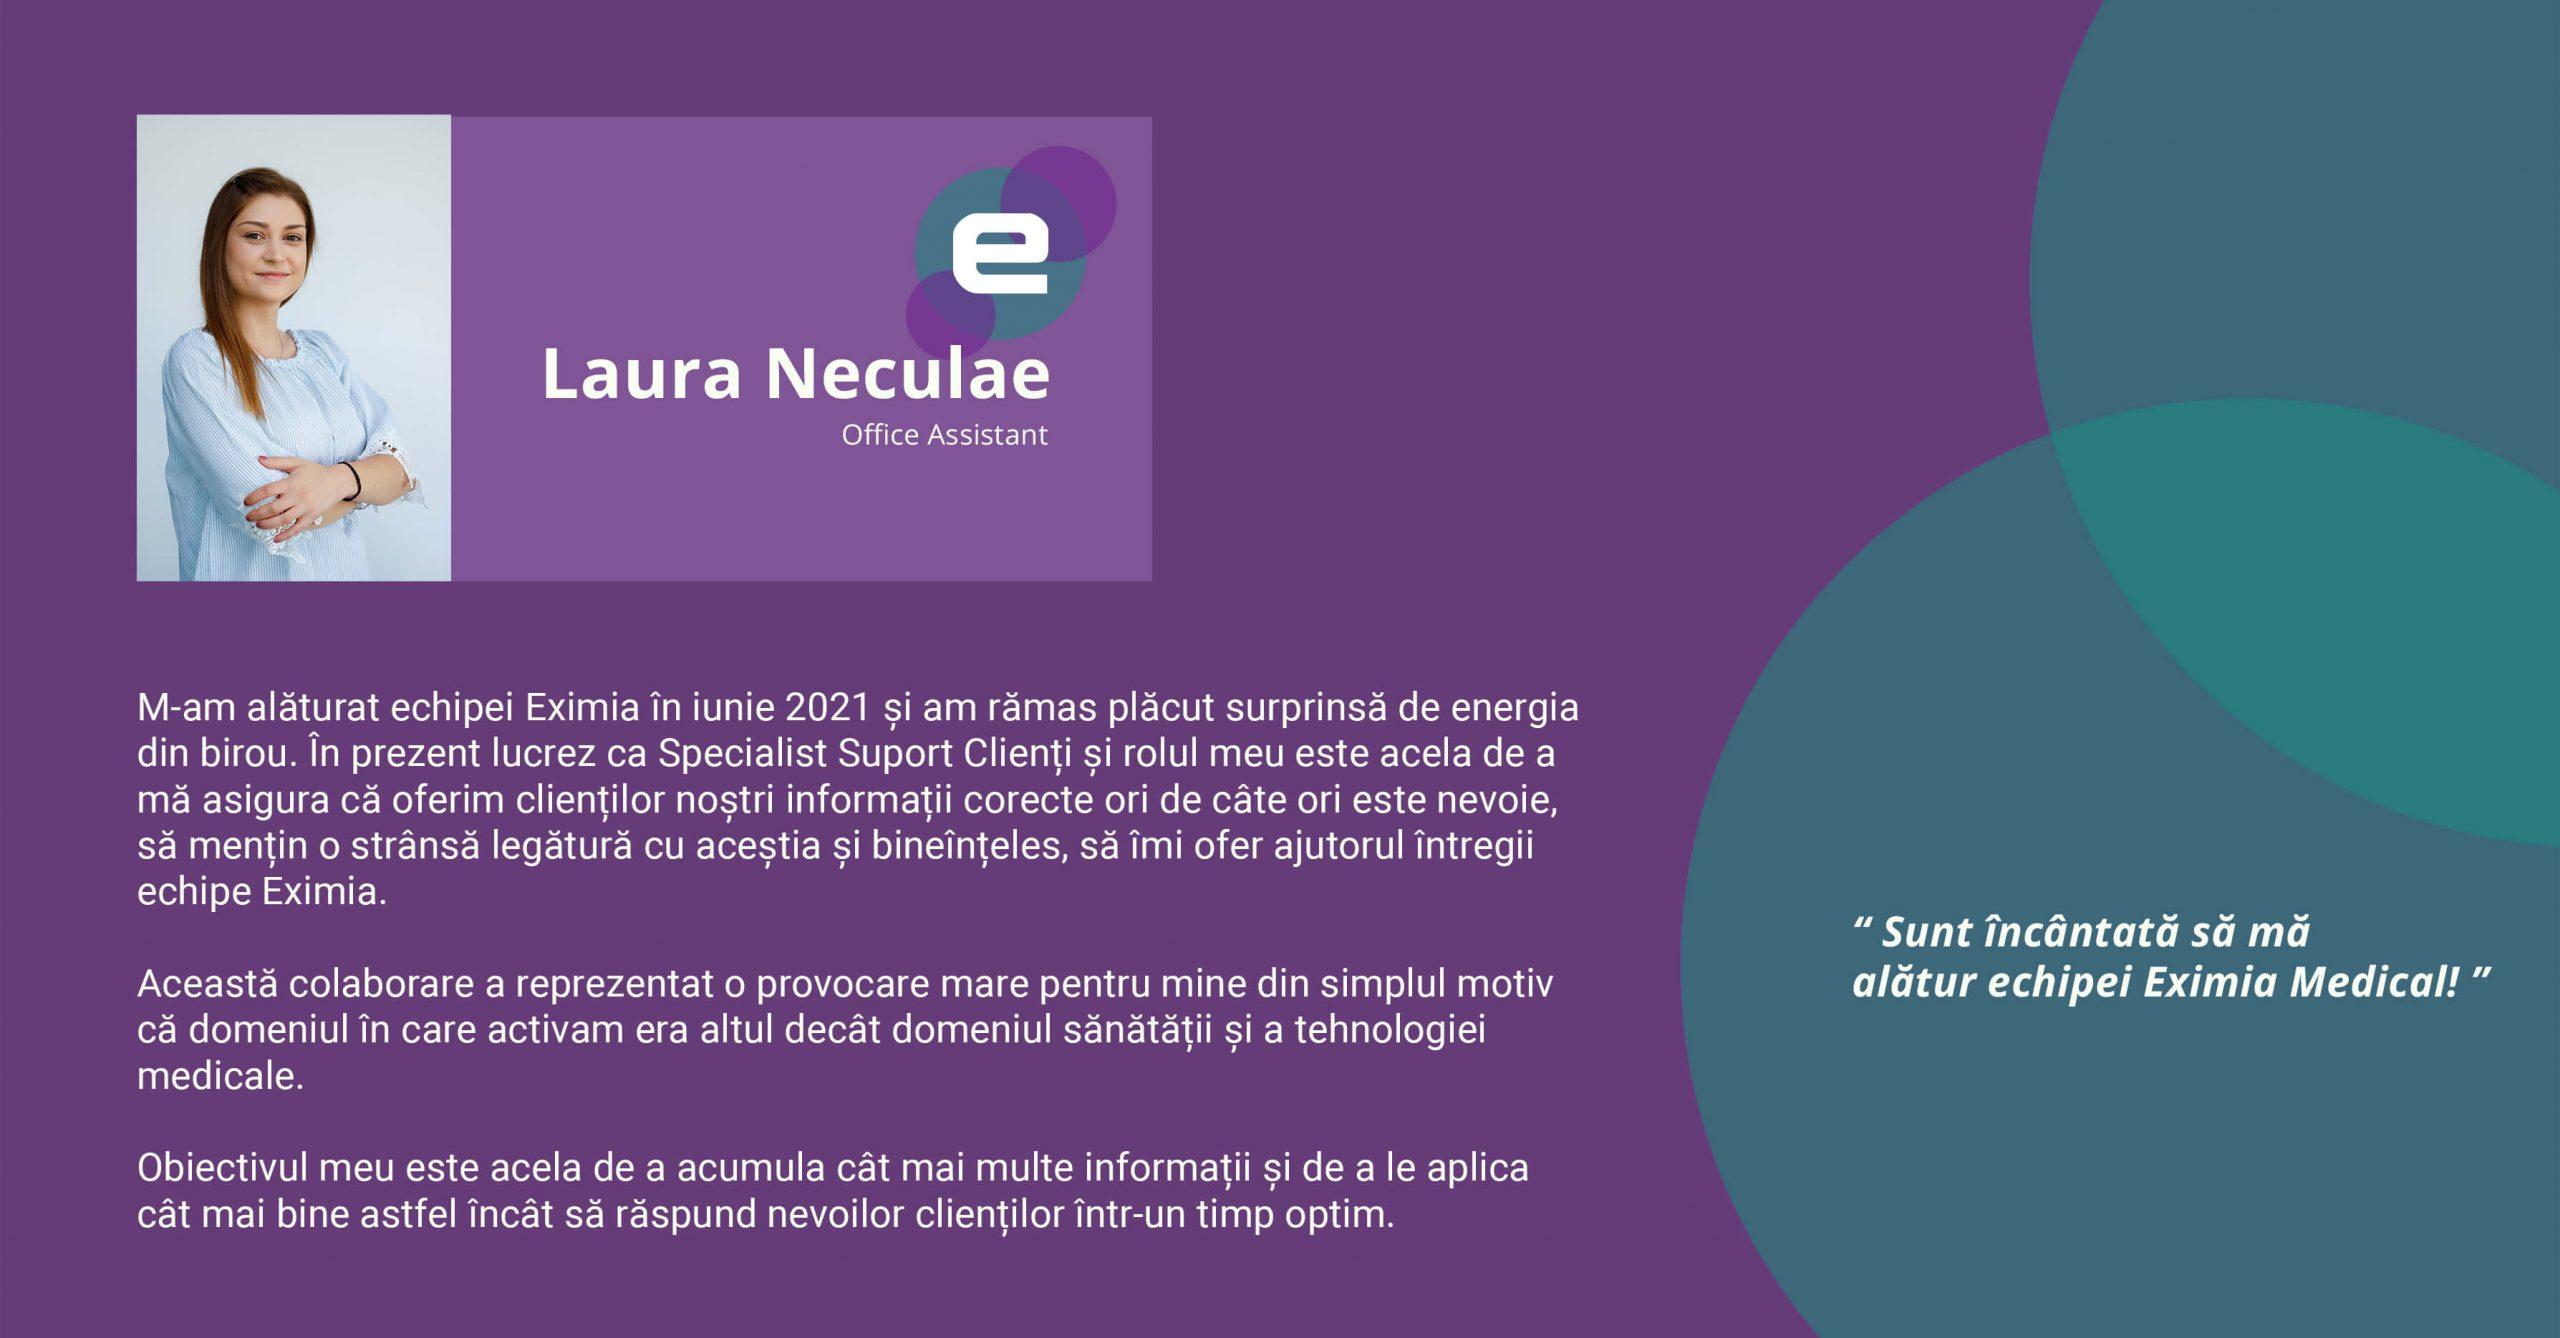 Laura Neculae